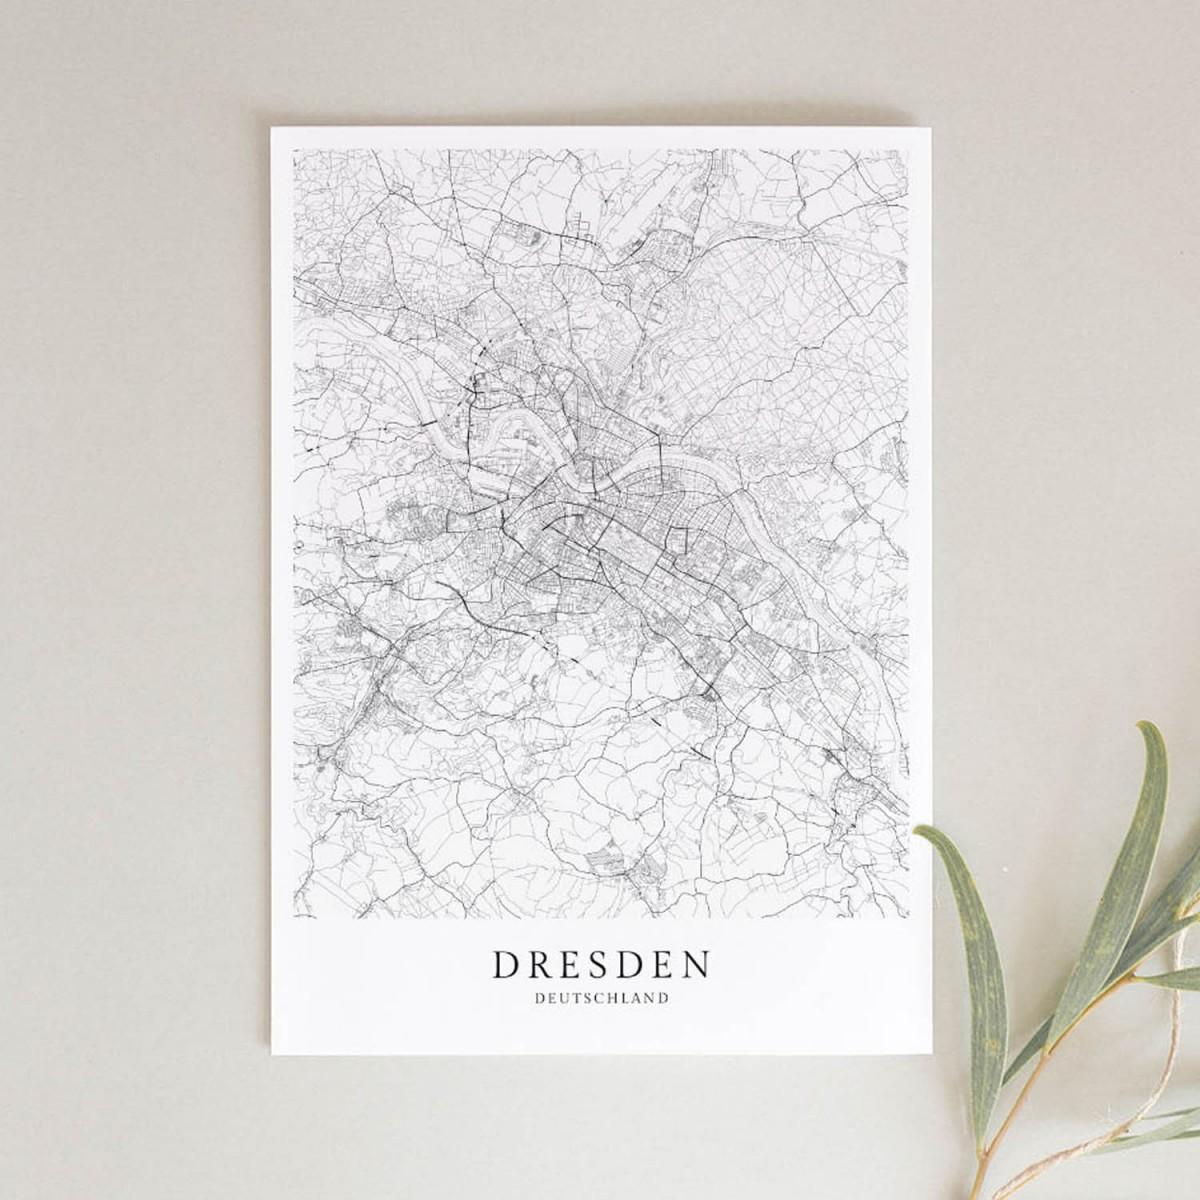 Dresden als hochwertiges Poster im skandinavischen Stil von Skanemarie